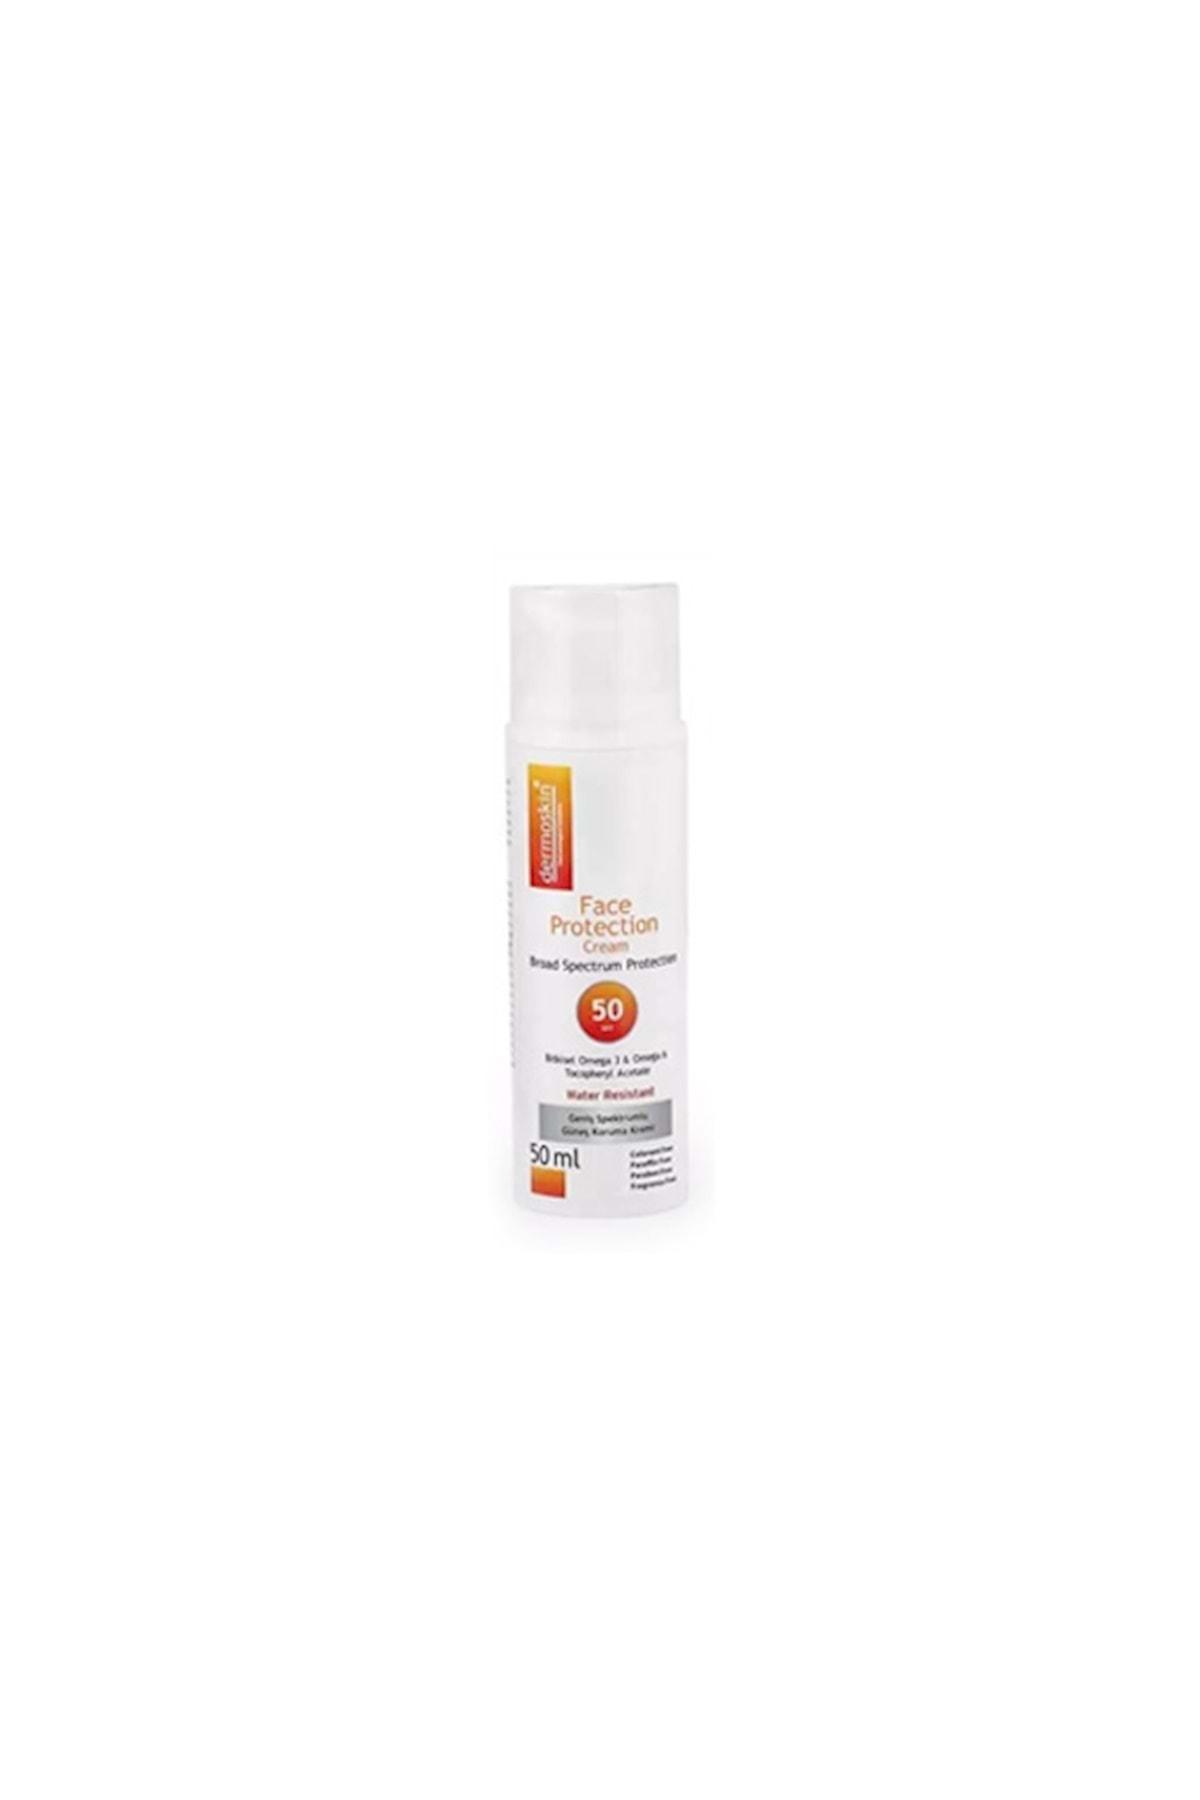 Dermoskin Face Protection Cream 50 spf 1